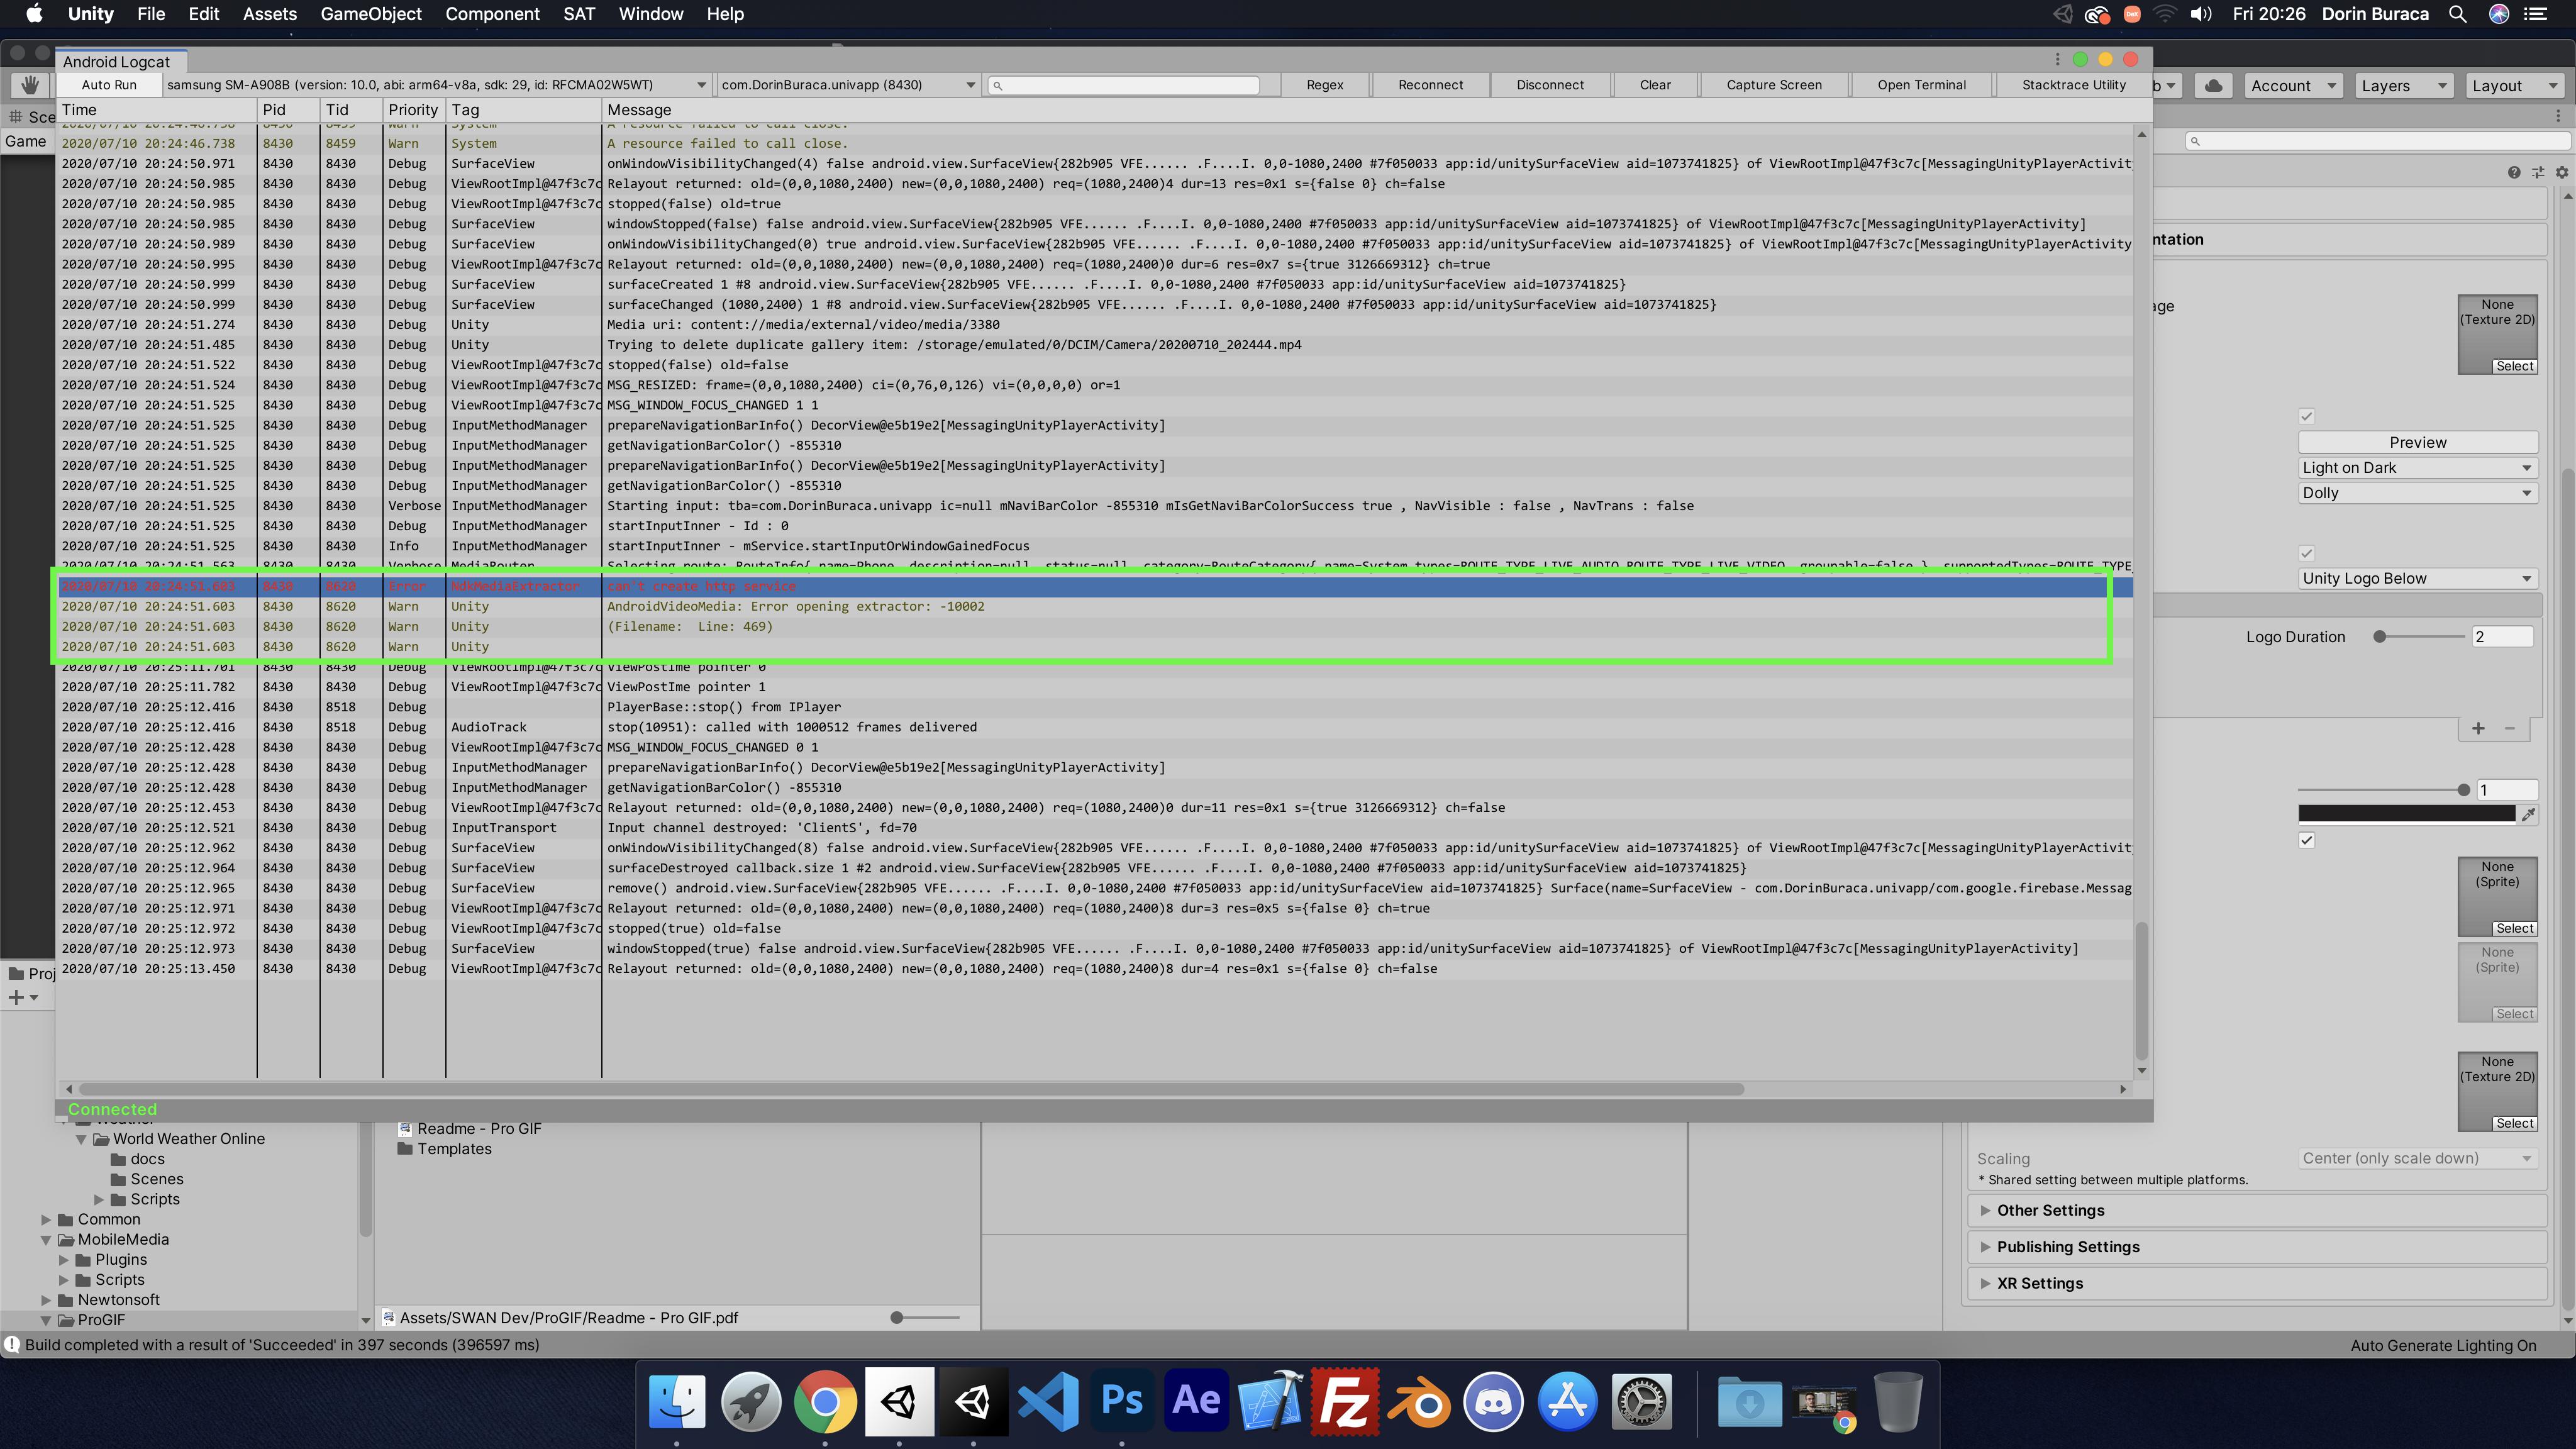 Screen Shot 2020-07-10 at 20.26.28.png